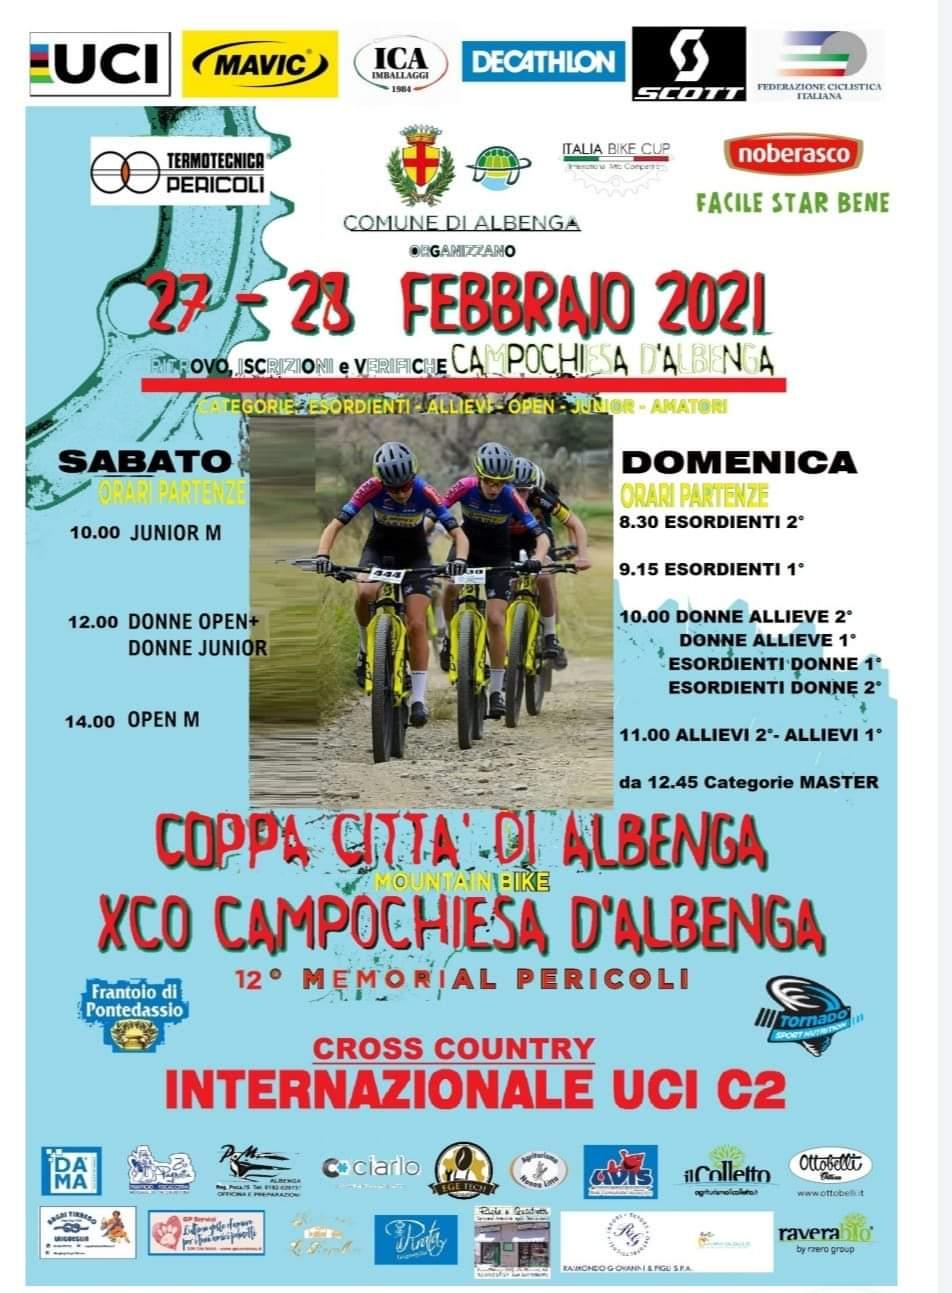 locandina gara crosscountry a campochiesa di Albenga